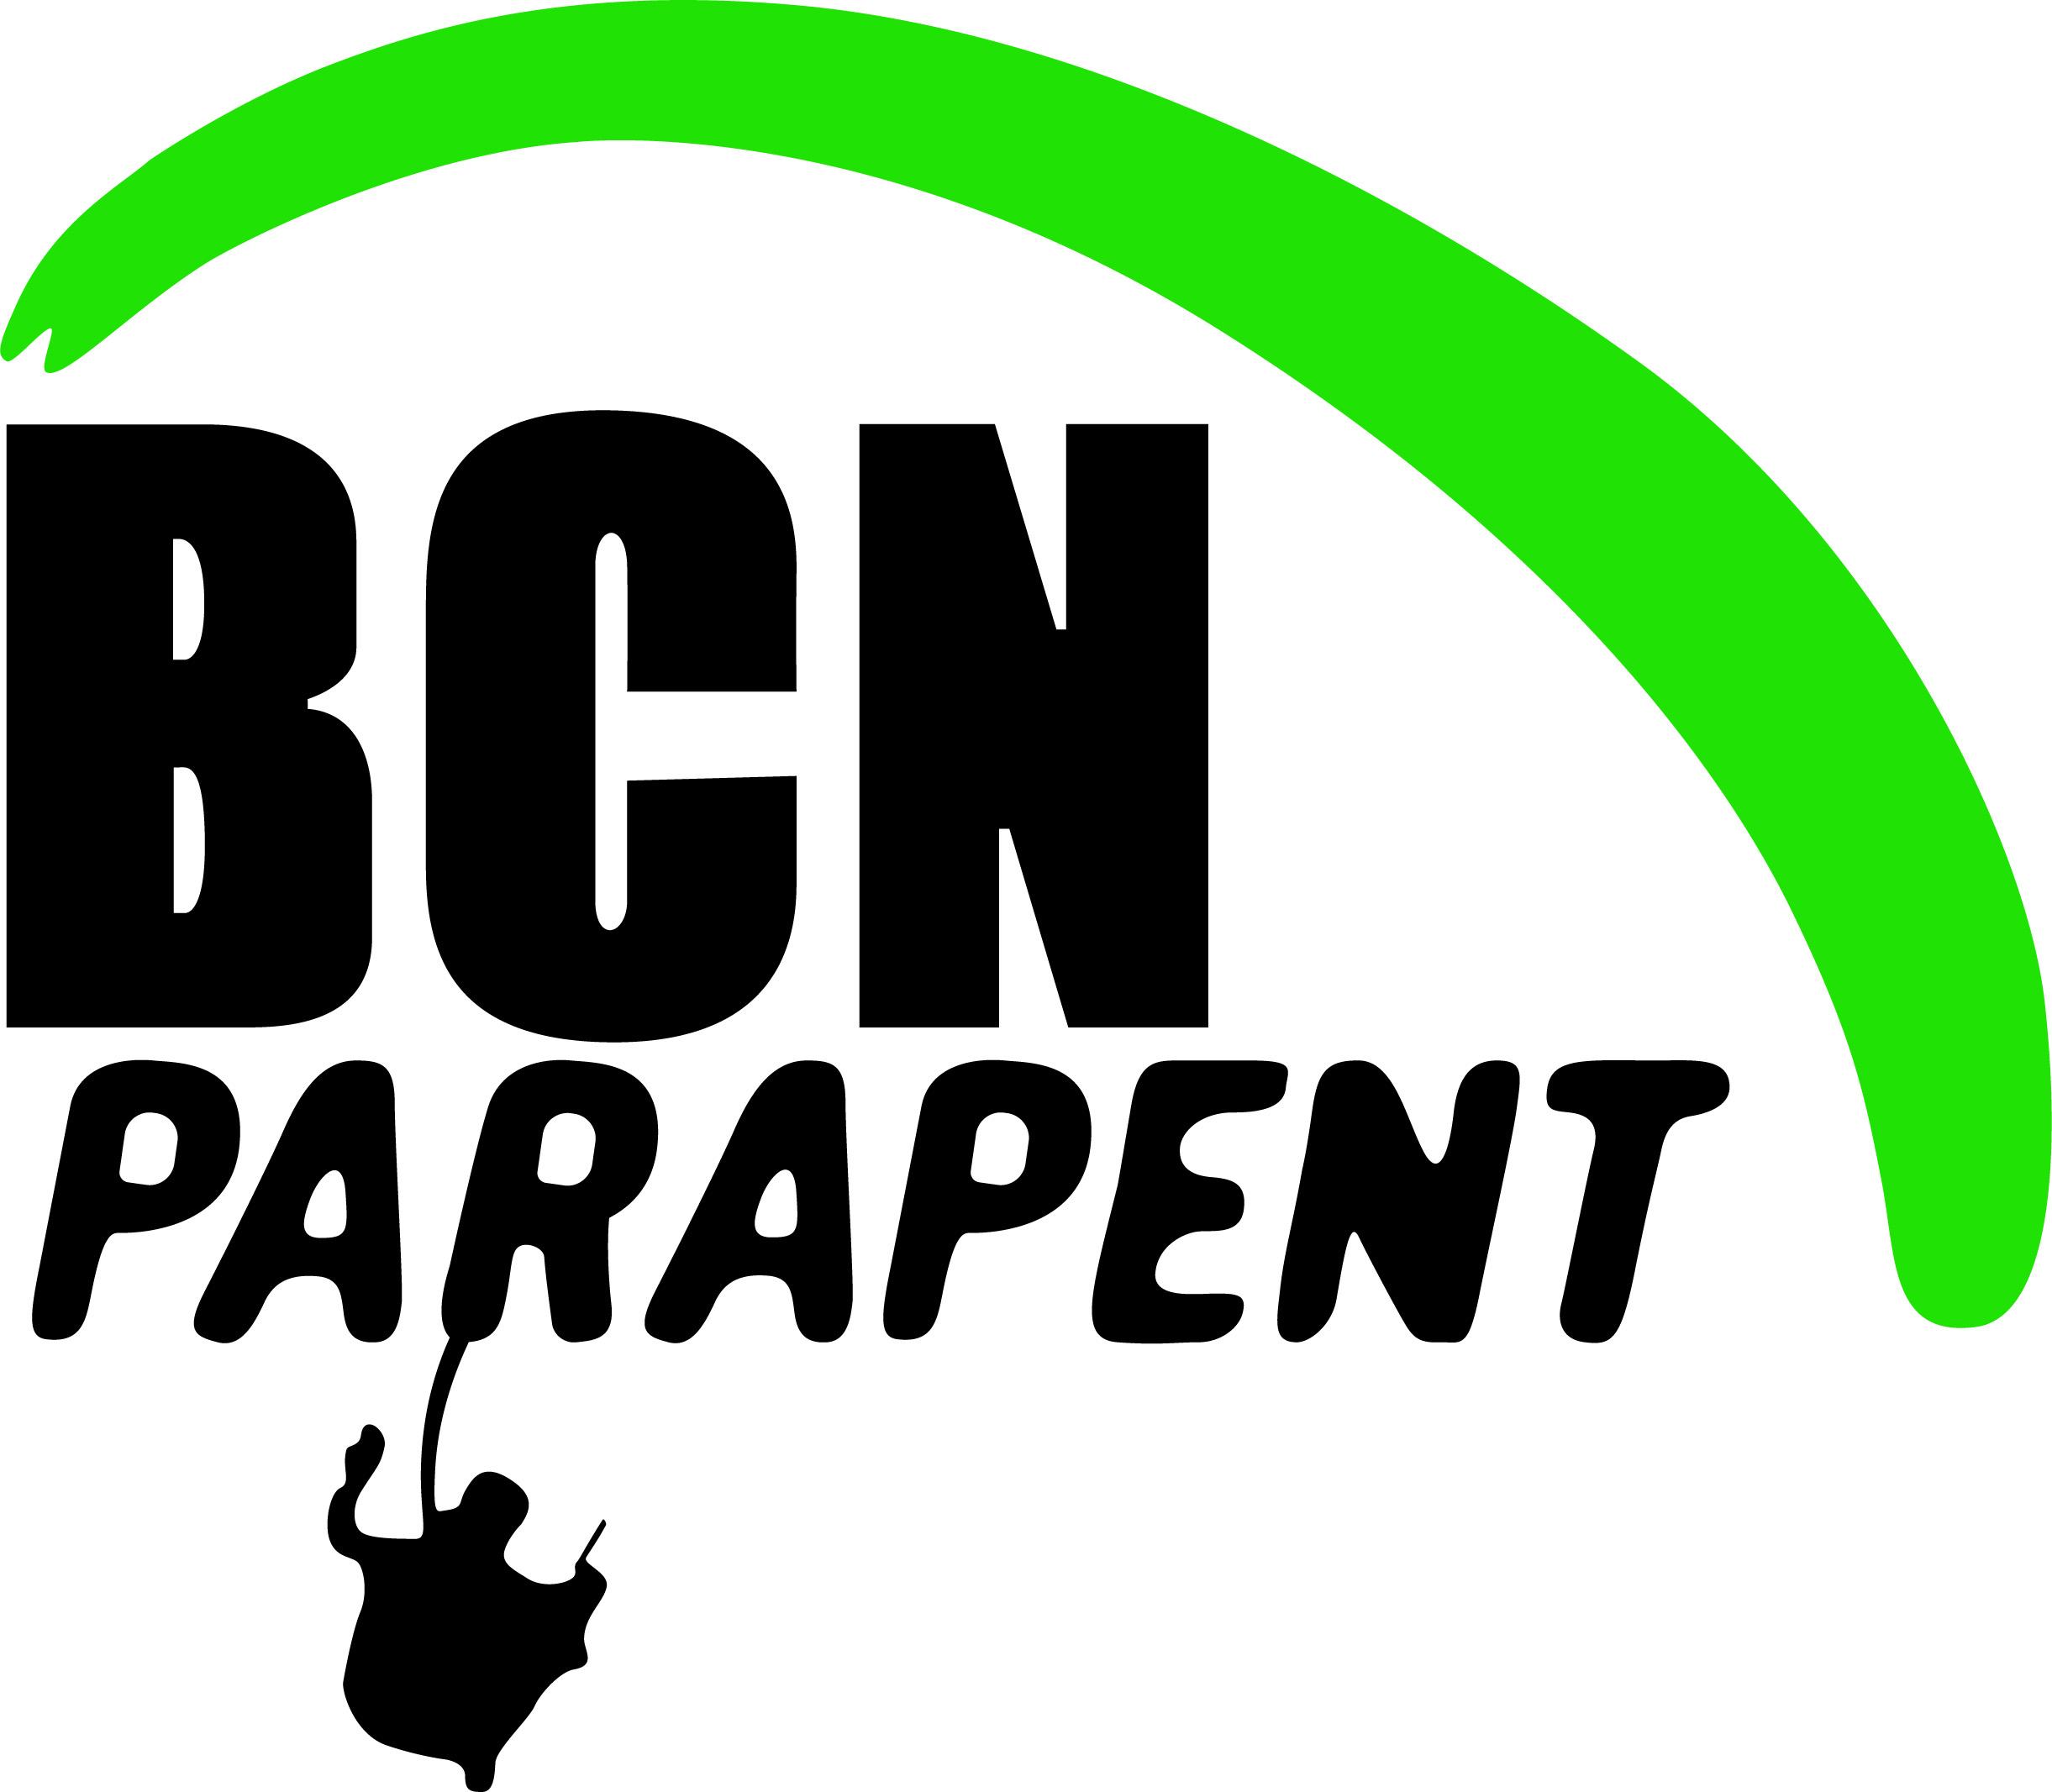 bcn parapent